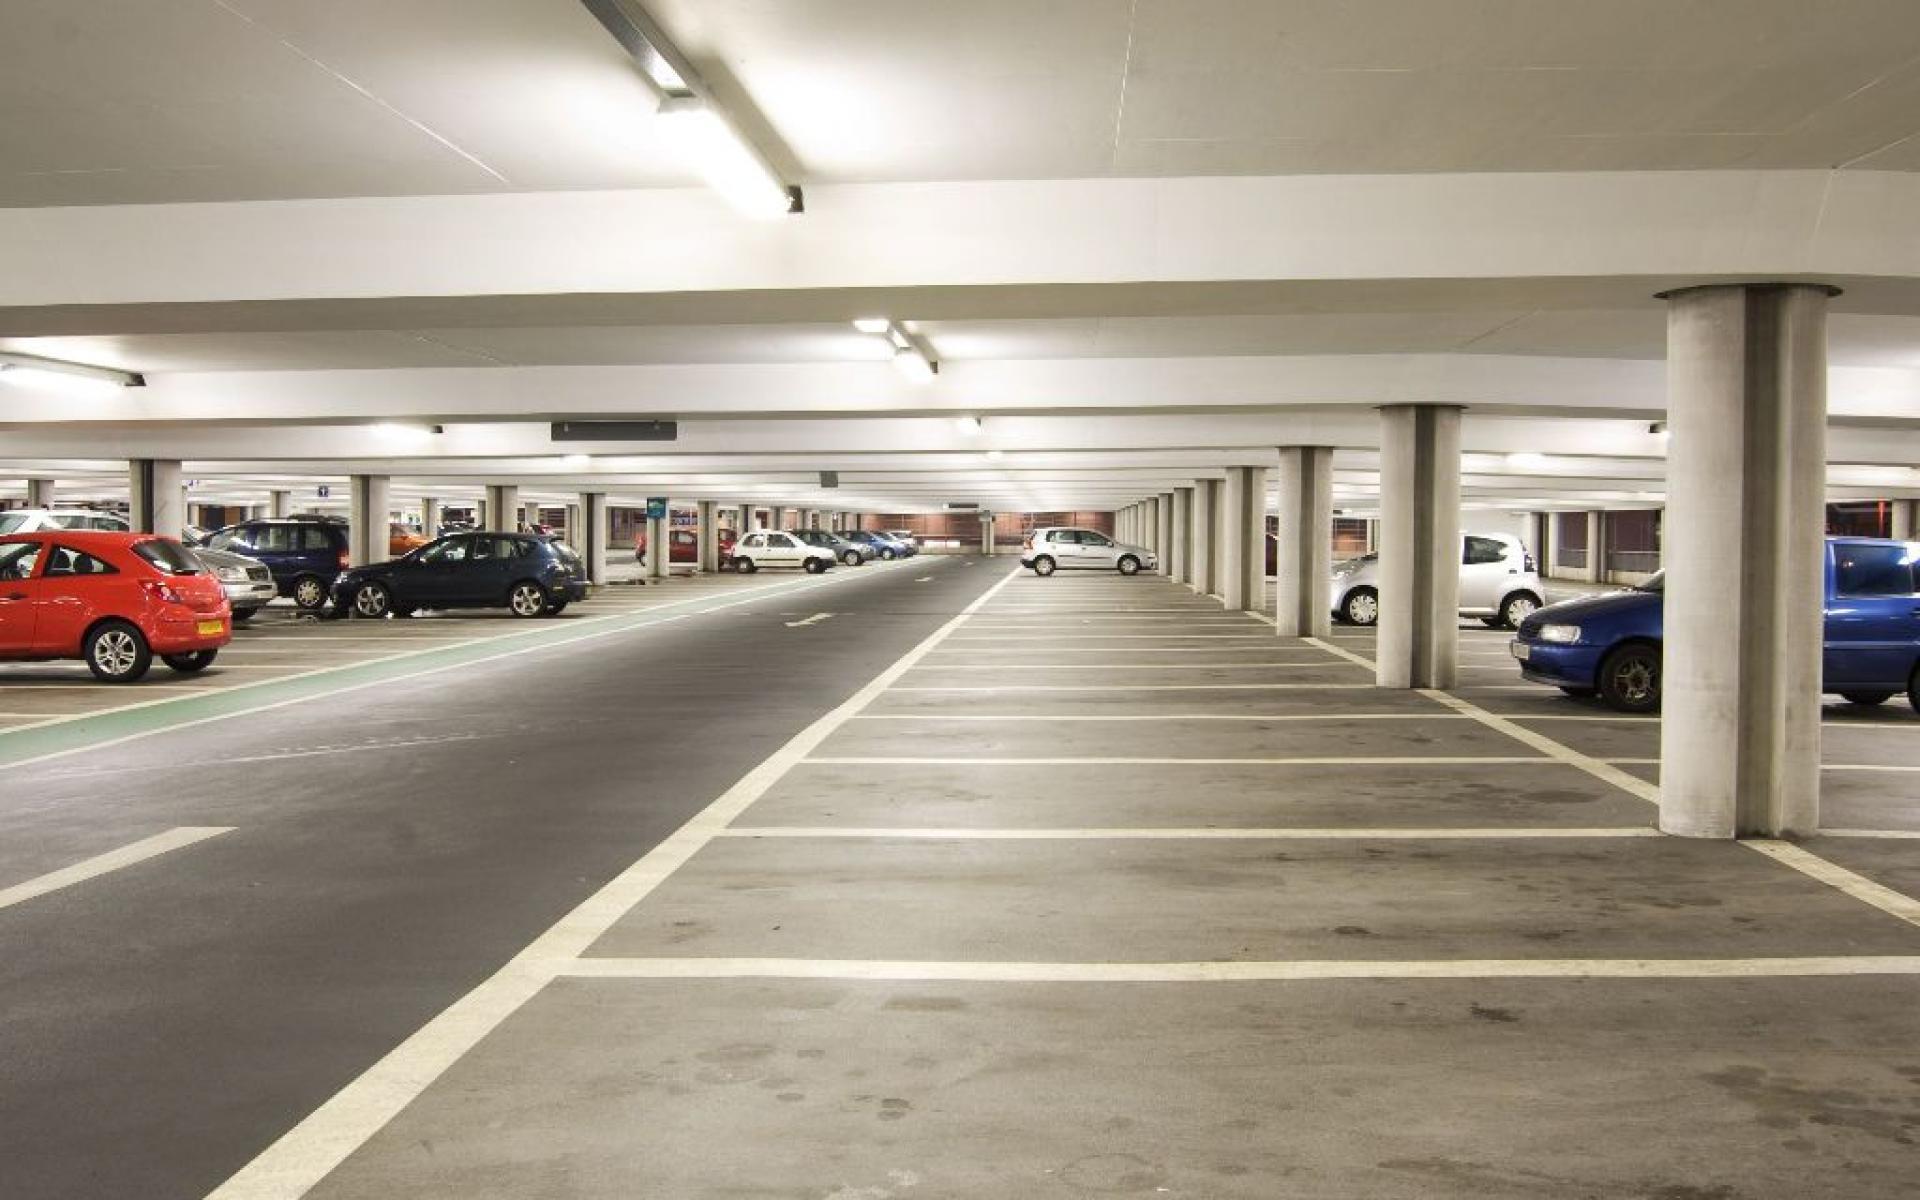 imagesparking-53.jpg